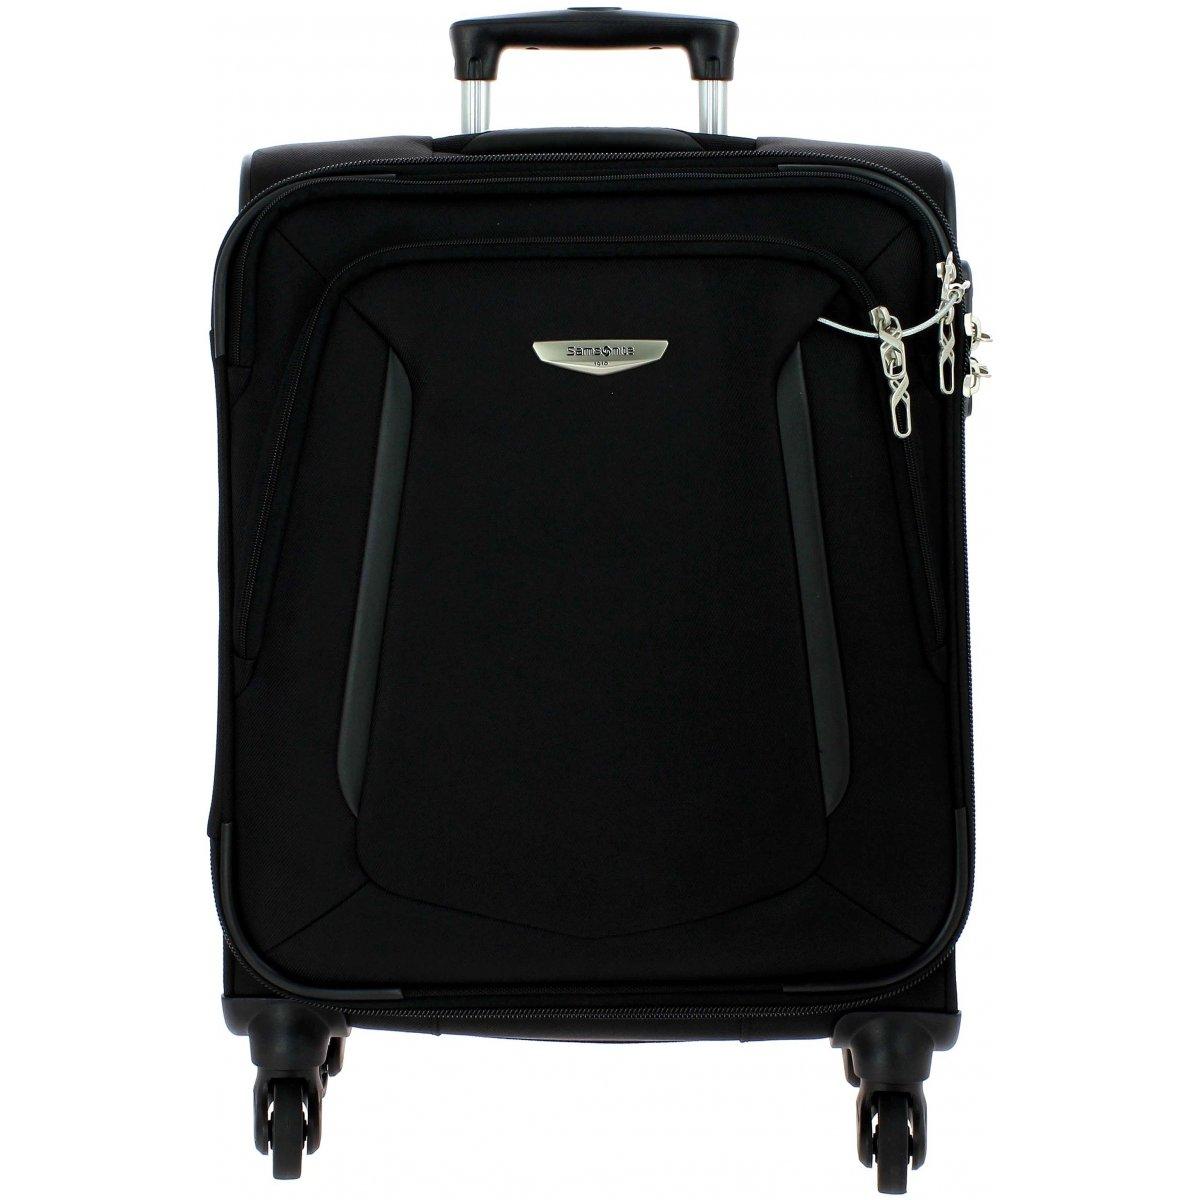 valise cabine samsonite x blade 55 cm xblade90 couleur principale black promotion. Black Bedroom Furniture Sets. Home Design Ideas